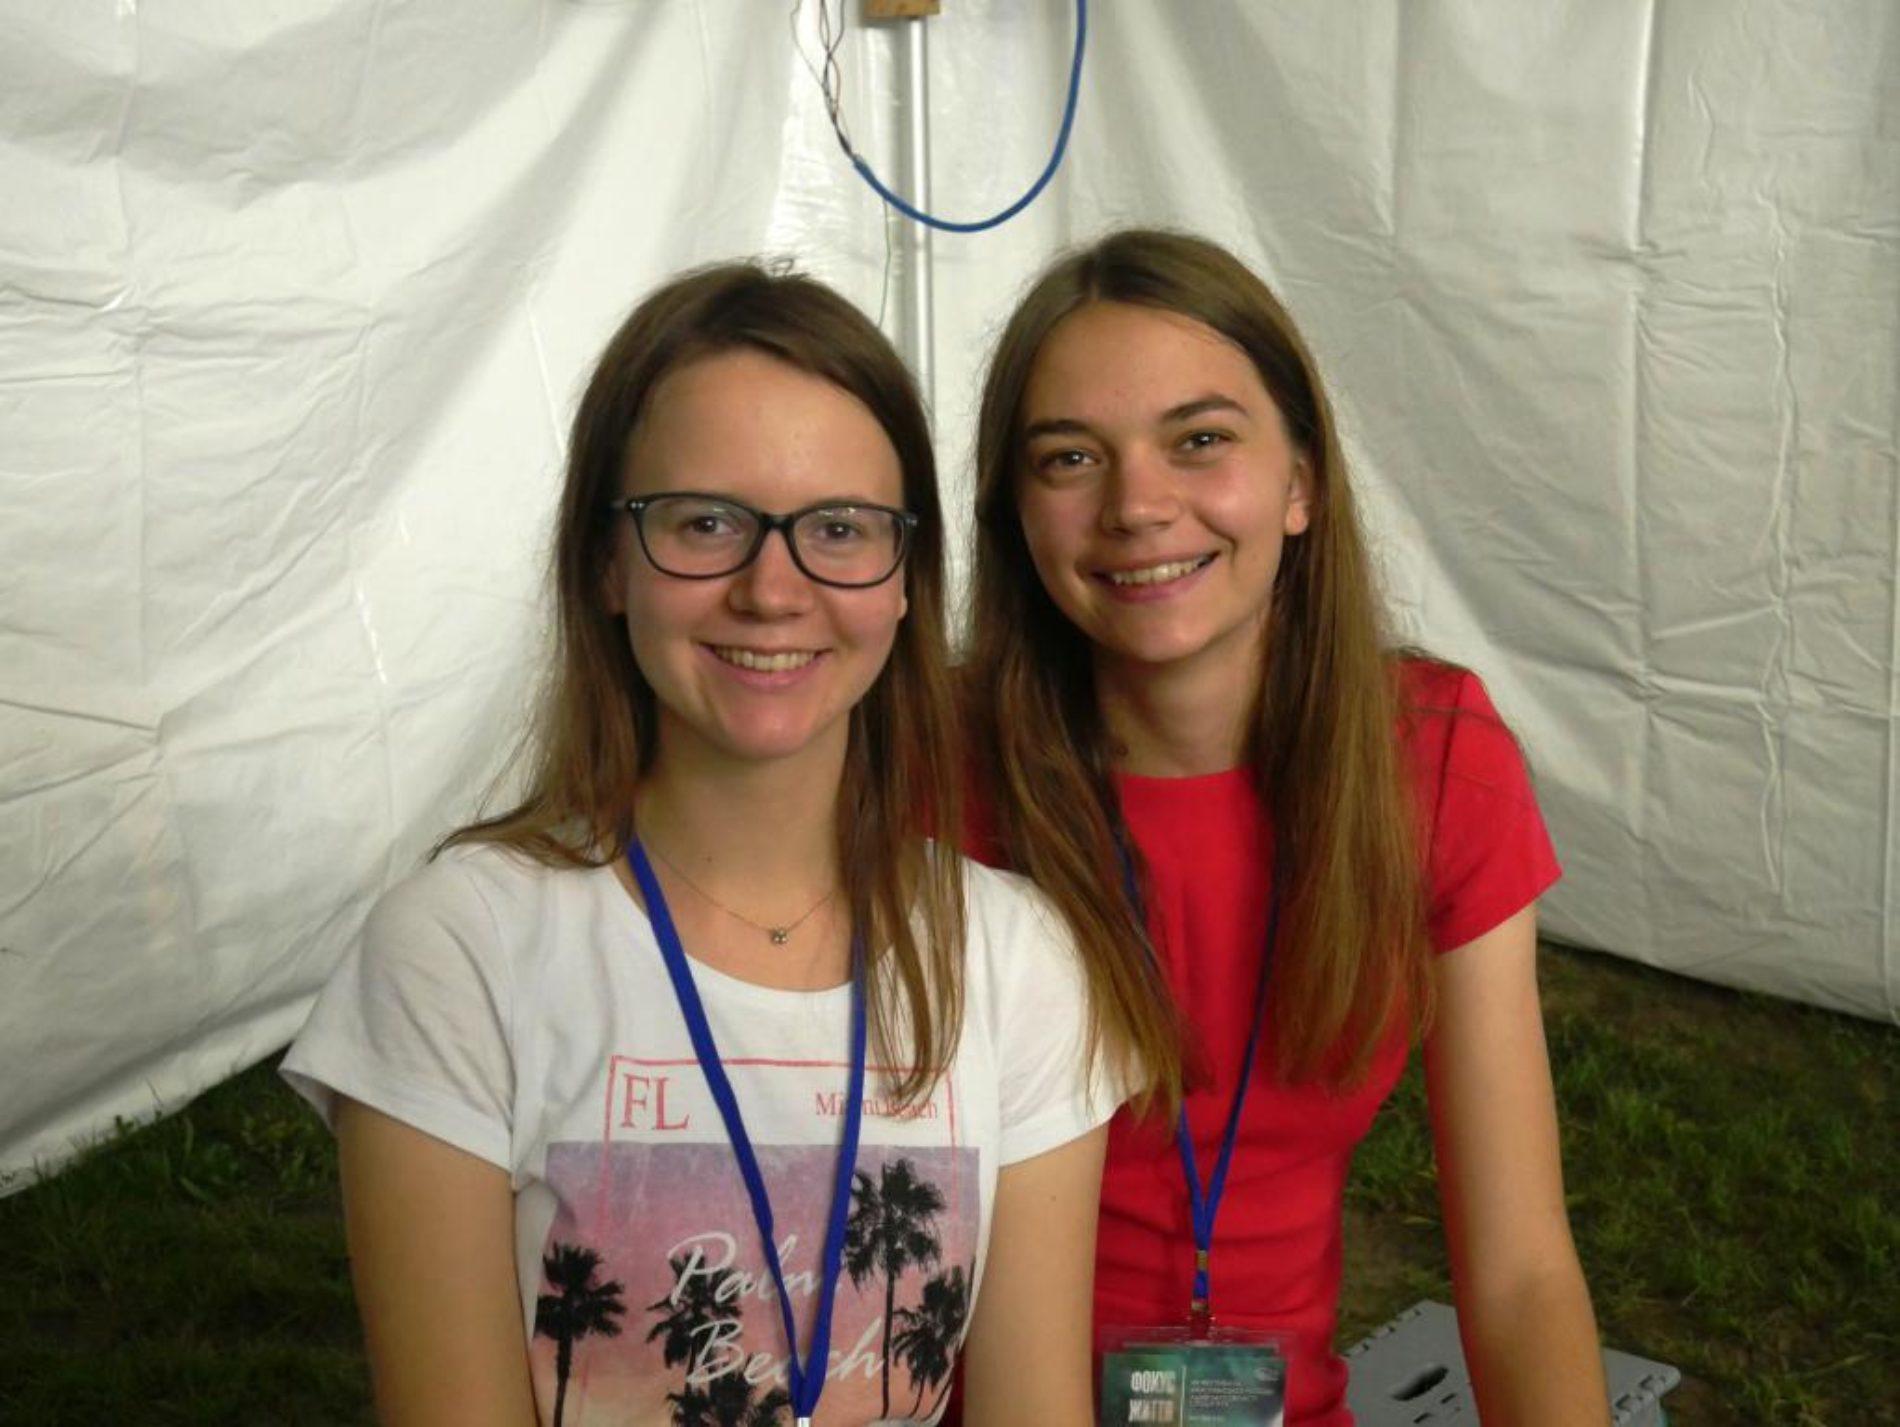 Молодіжний фестиваль відбувся на Львівщині